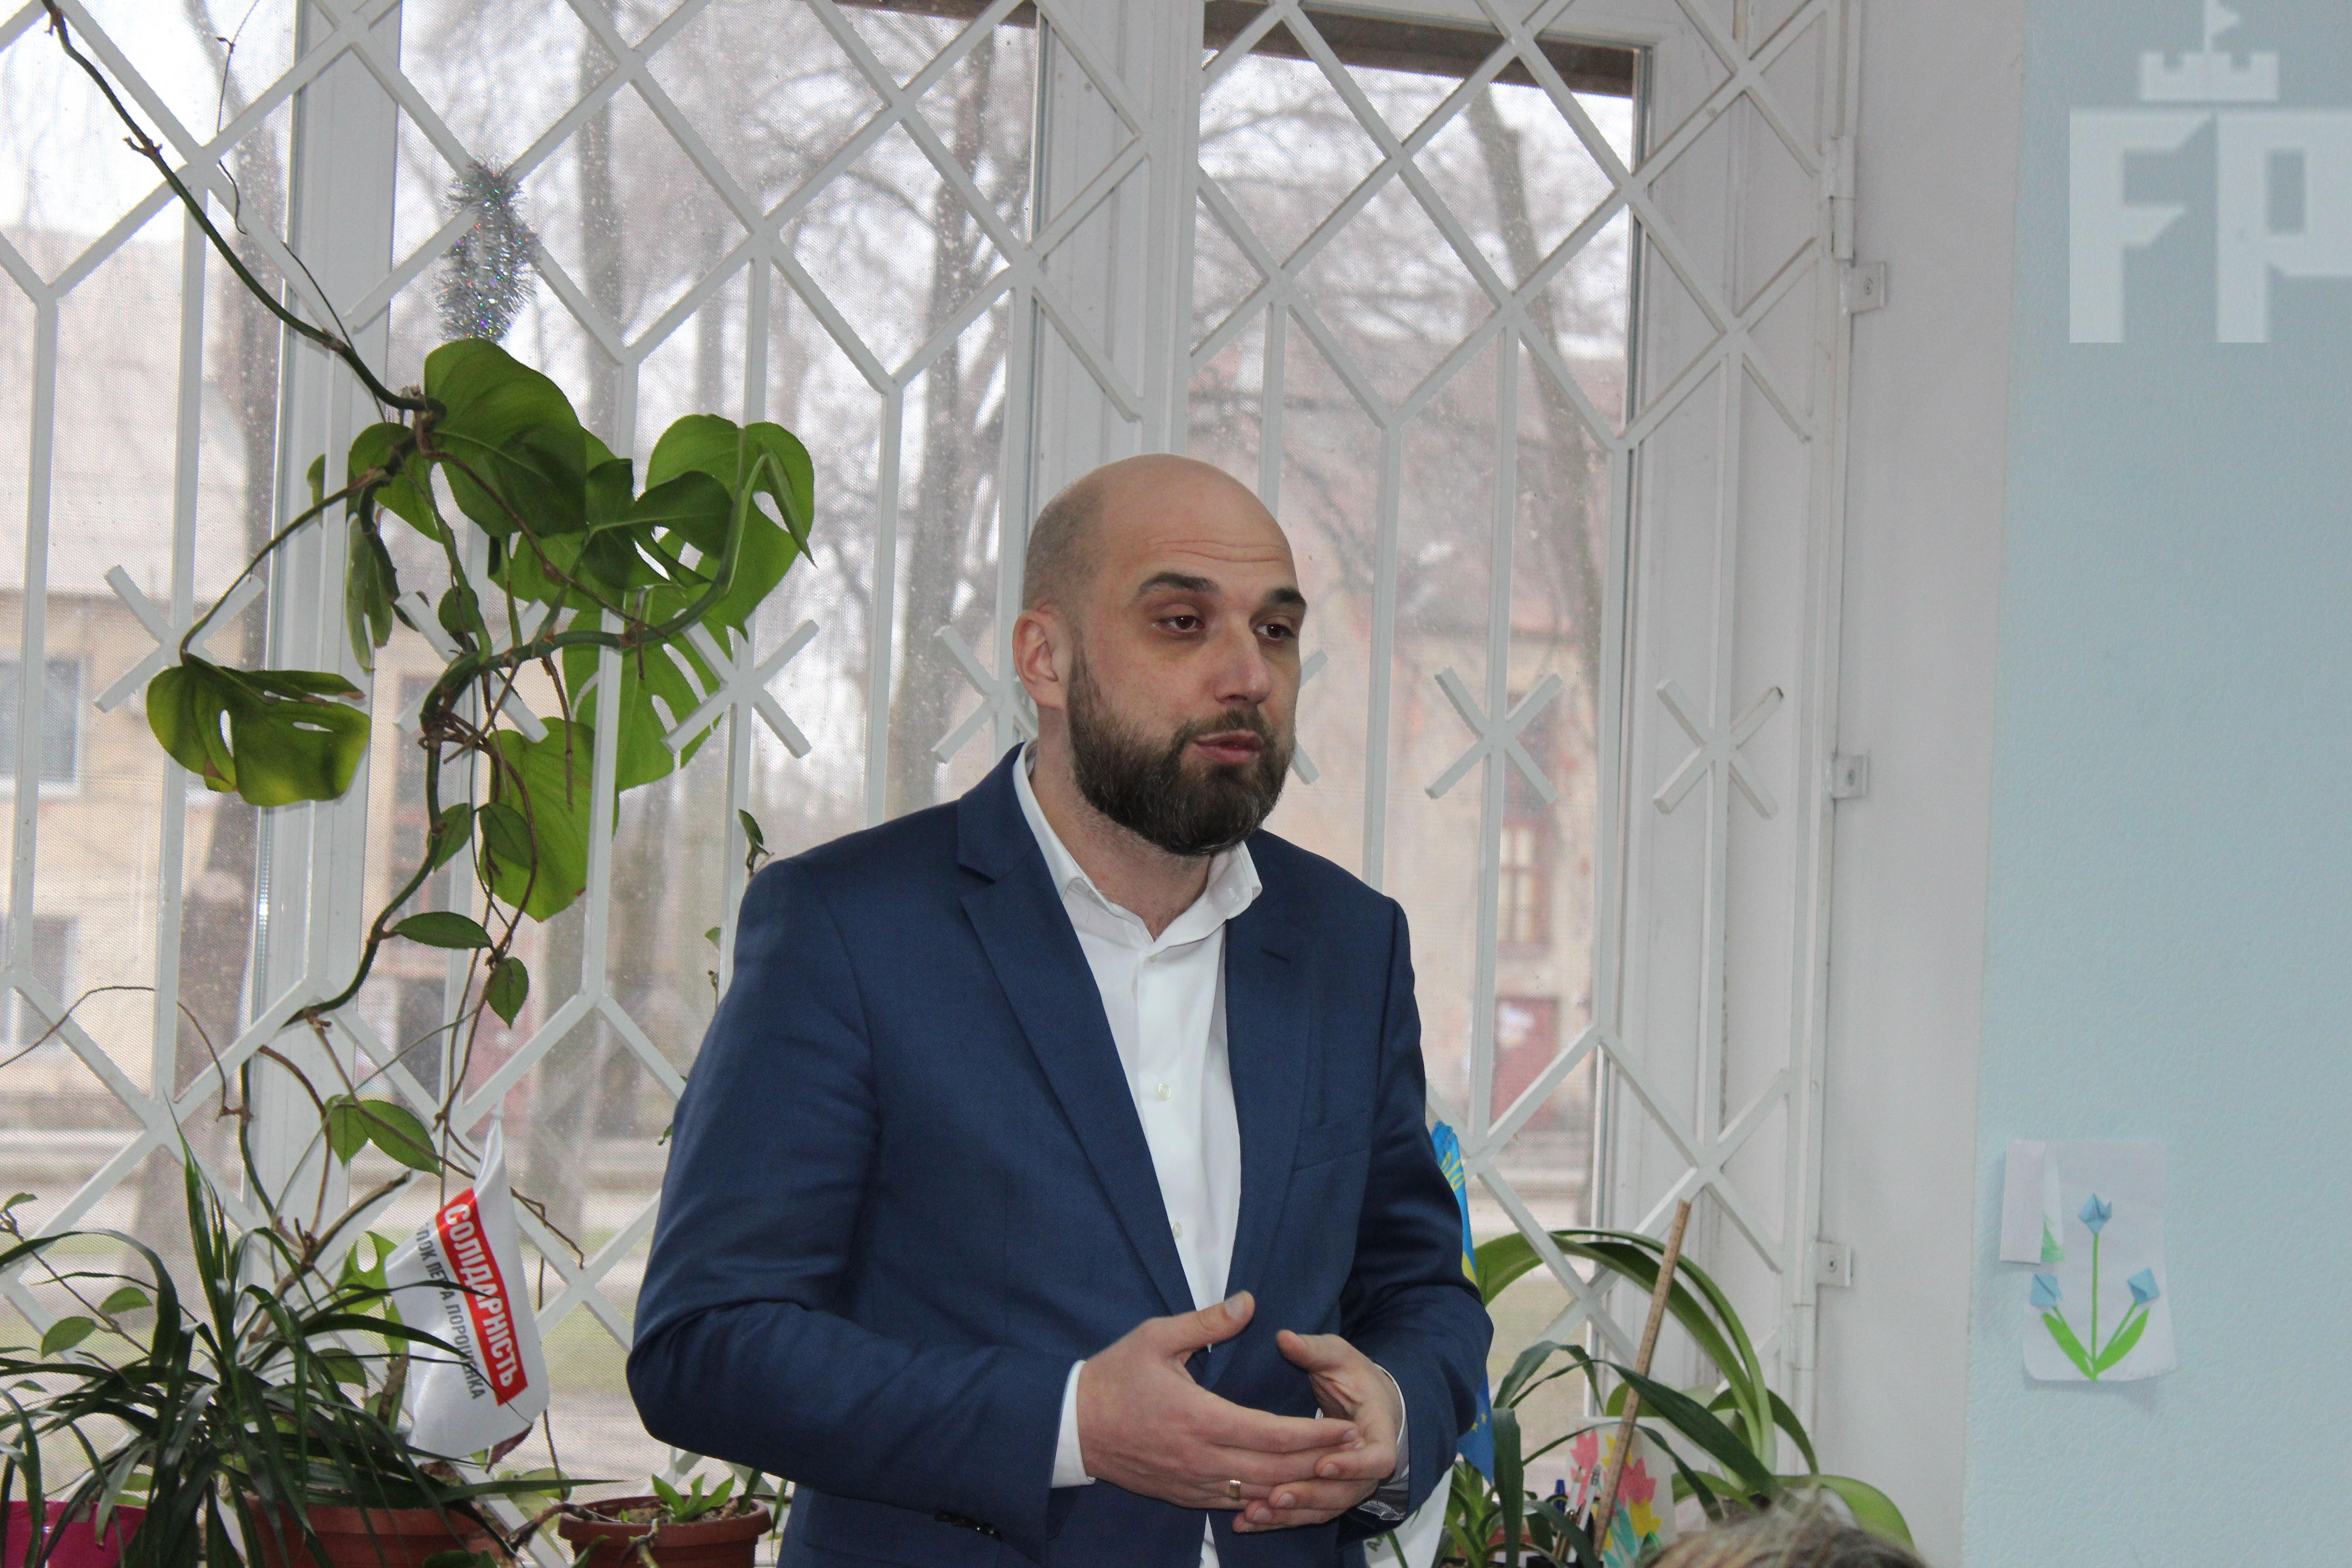 ОСМД Заводского района пожаловались депутатам на отсутствие поддержки от городской власти